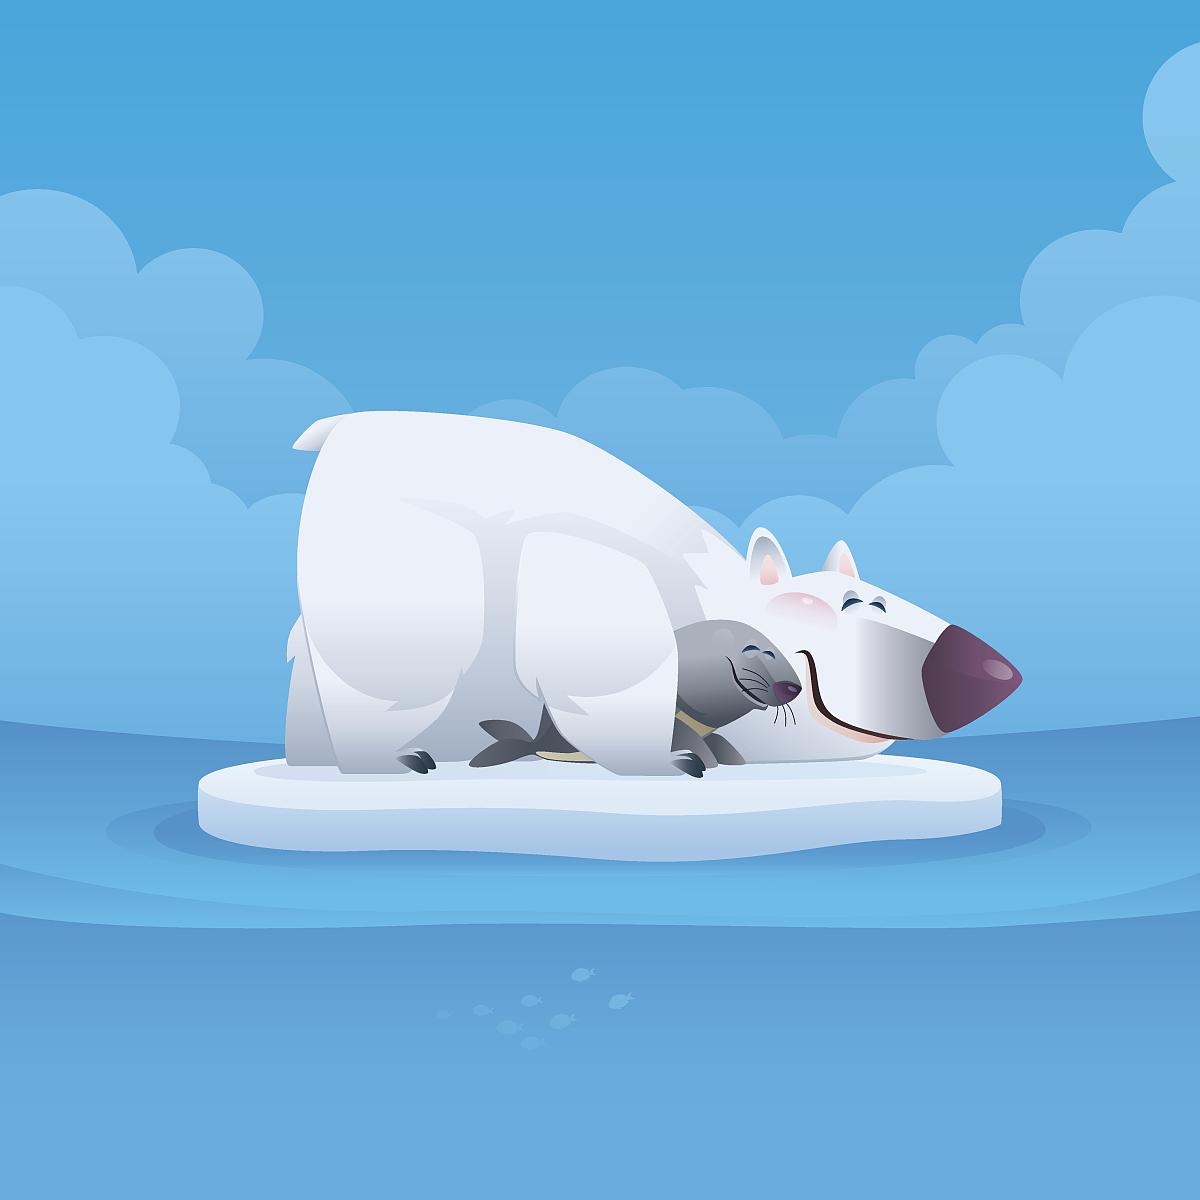 北极熊,真皮,绘画数码,臀部,图形动物,动画片,插图,a真皮,v真皮,睡觉凉鞋王卡通女蜘蛛靴图片